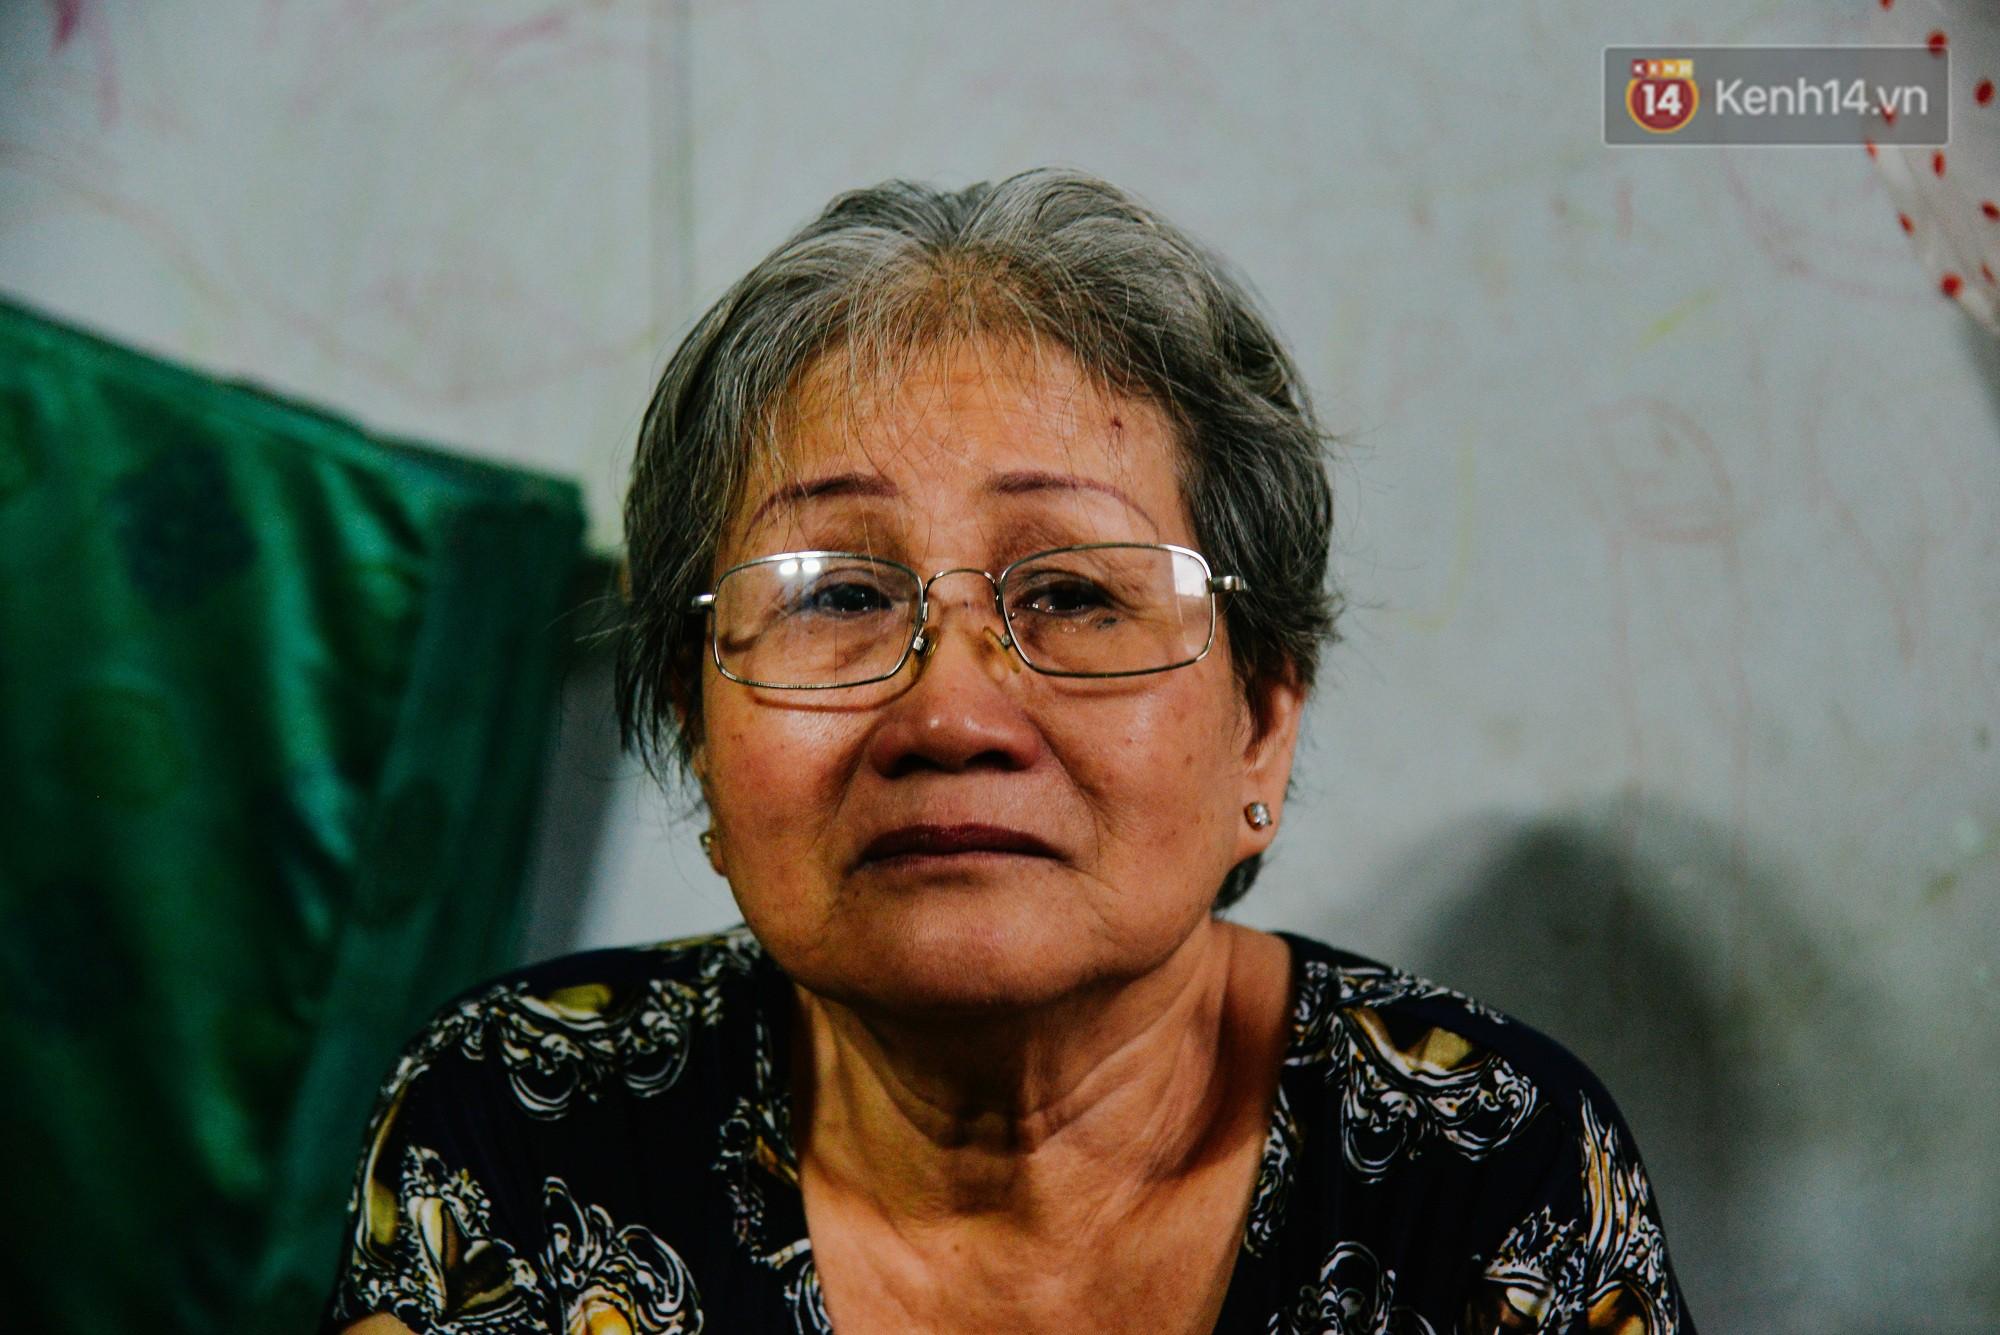 """Chuyện đời của """"cô đào"""" chuyển giới lớn tuổi nhất Việt Nam: Nửa đời hương phấn và sự đùm bọc của người bạn già tri kỷ - Ảnh 4."""